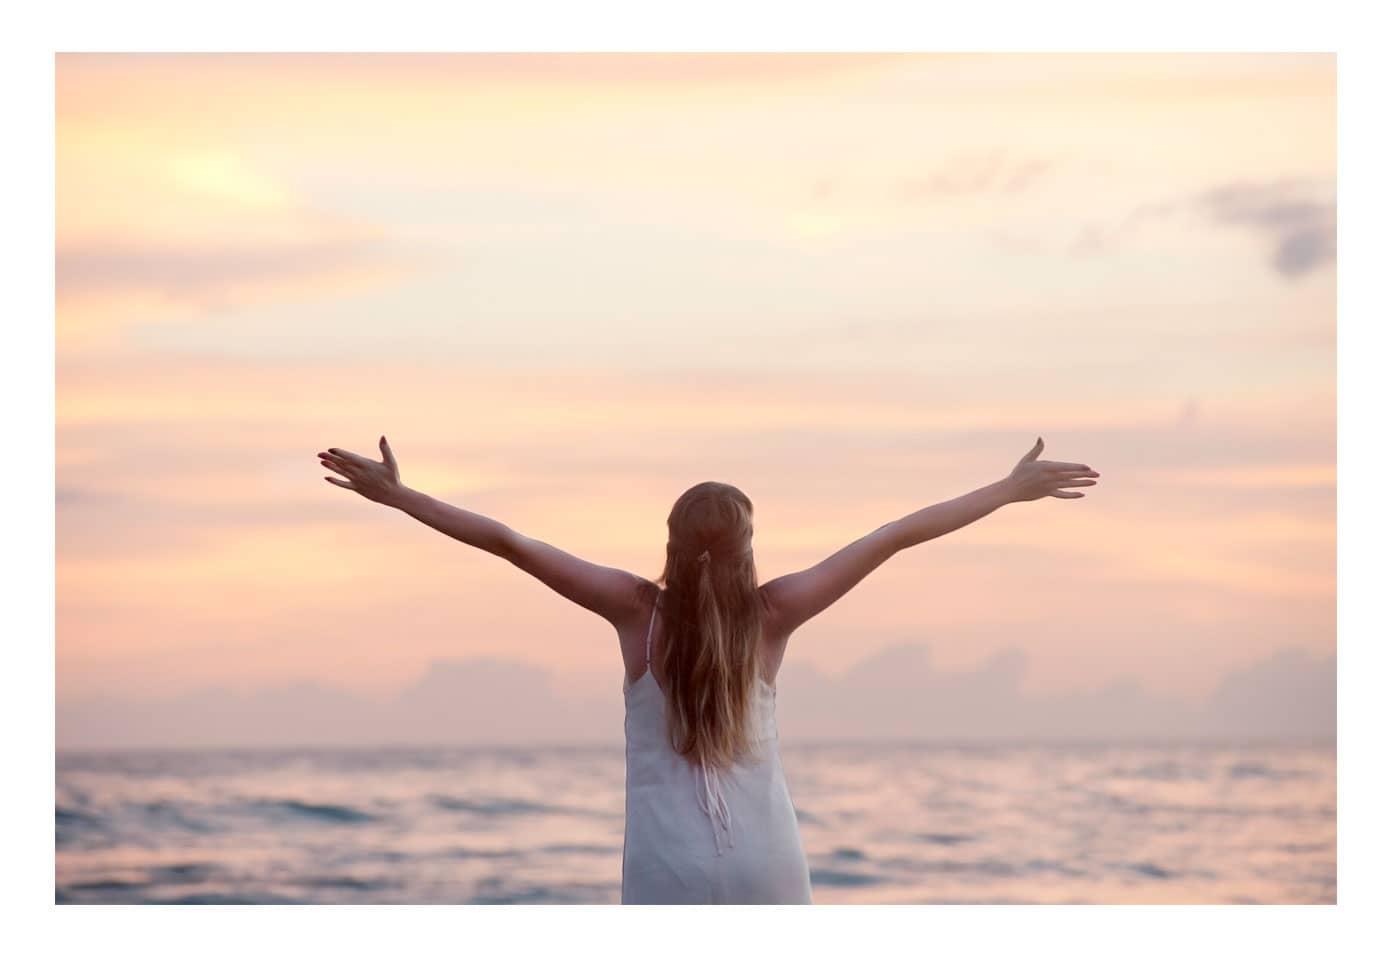 https://anabelendepablo.com/wp-content/uploads/2020/11/psicologa-piscoterapeuta-psicologos-madrid-ana-belen-de-pablo-consulta-psicologica